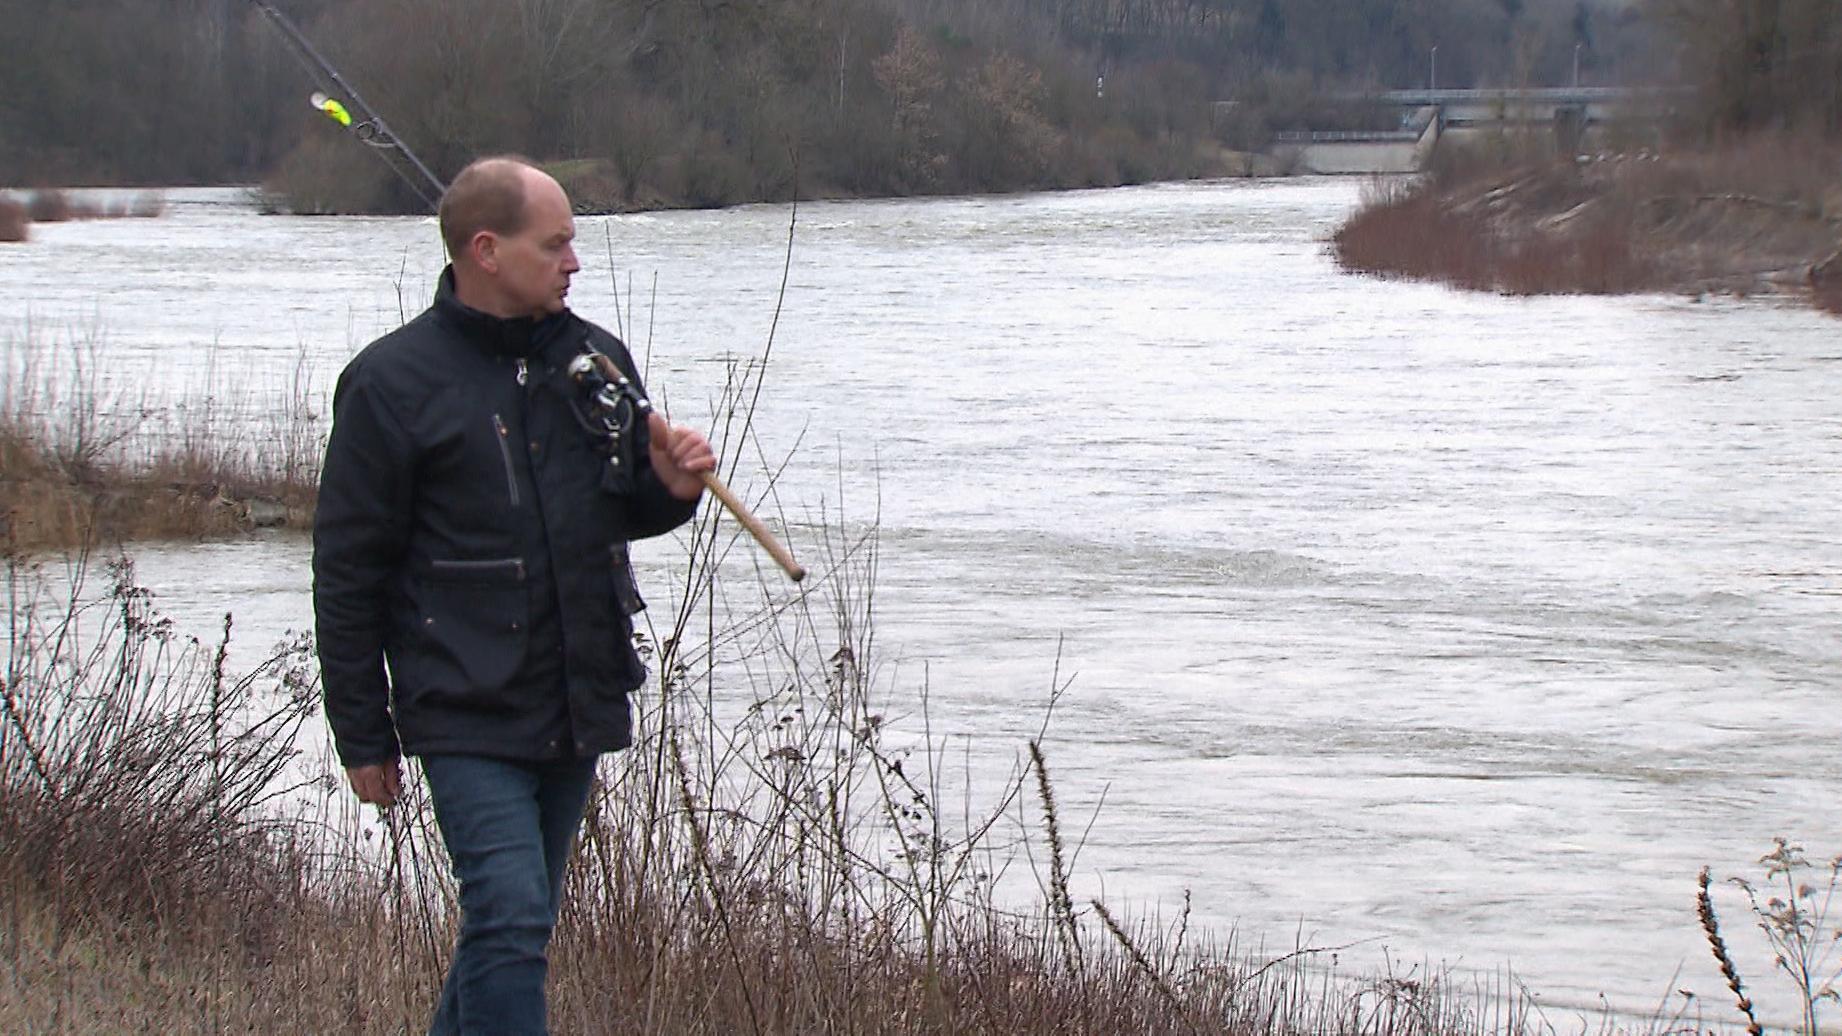 Ein Fischer geht mit seiner Angel an der Isar entlang